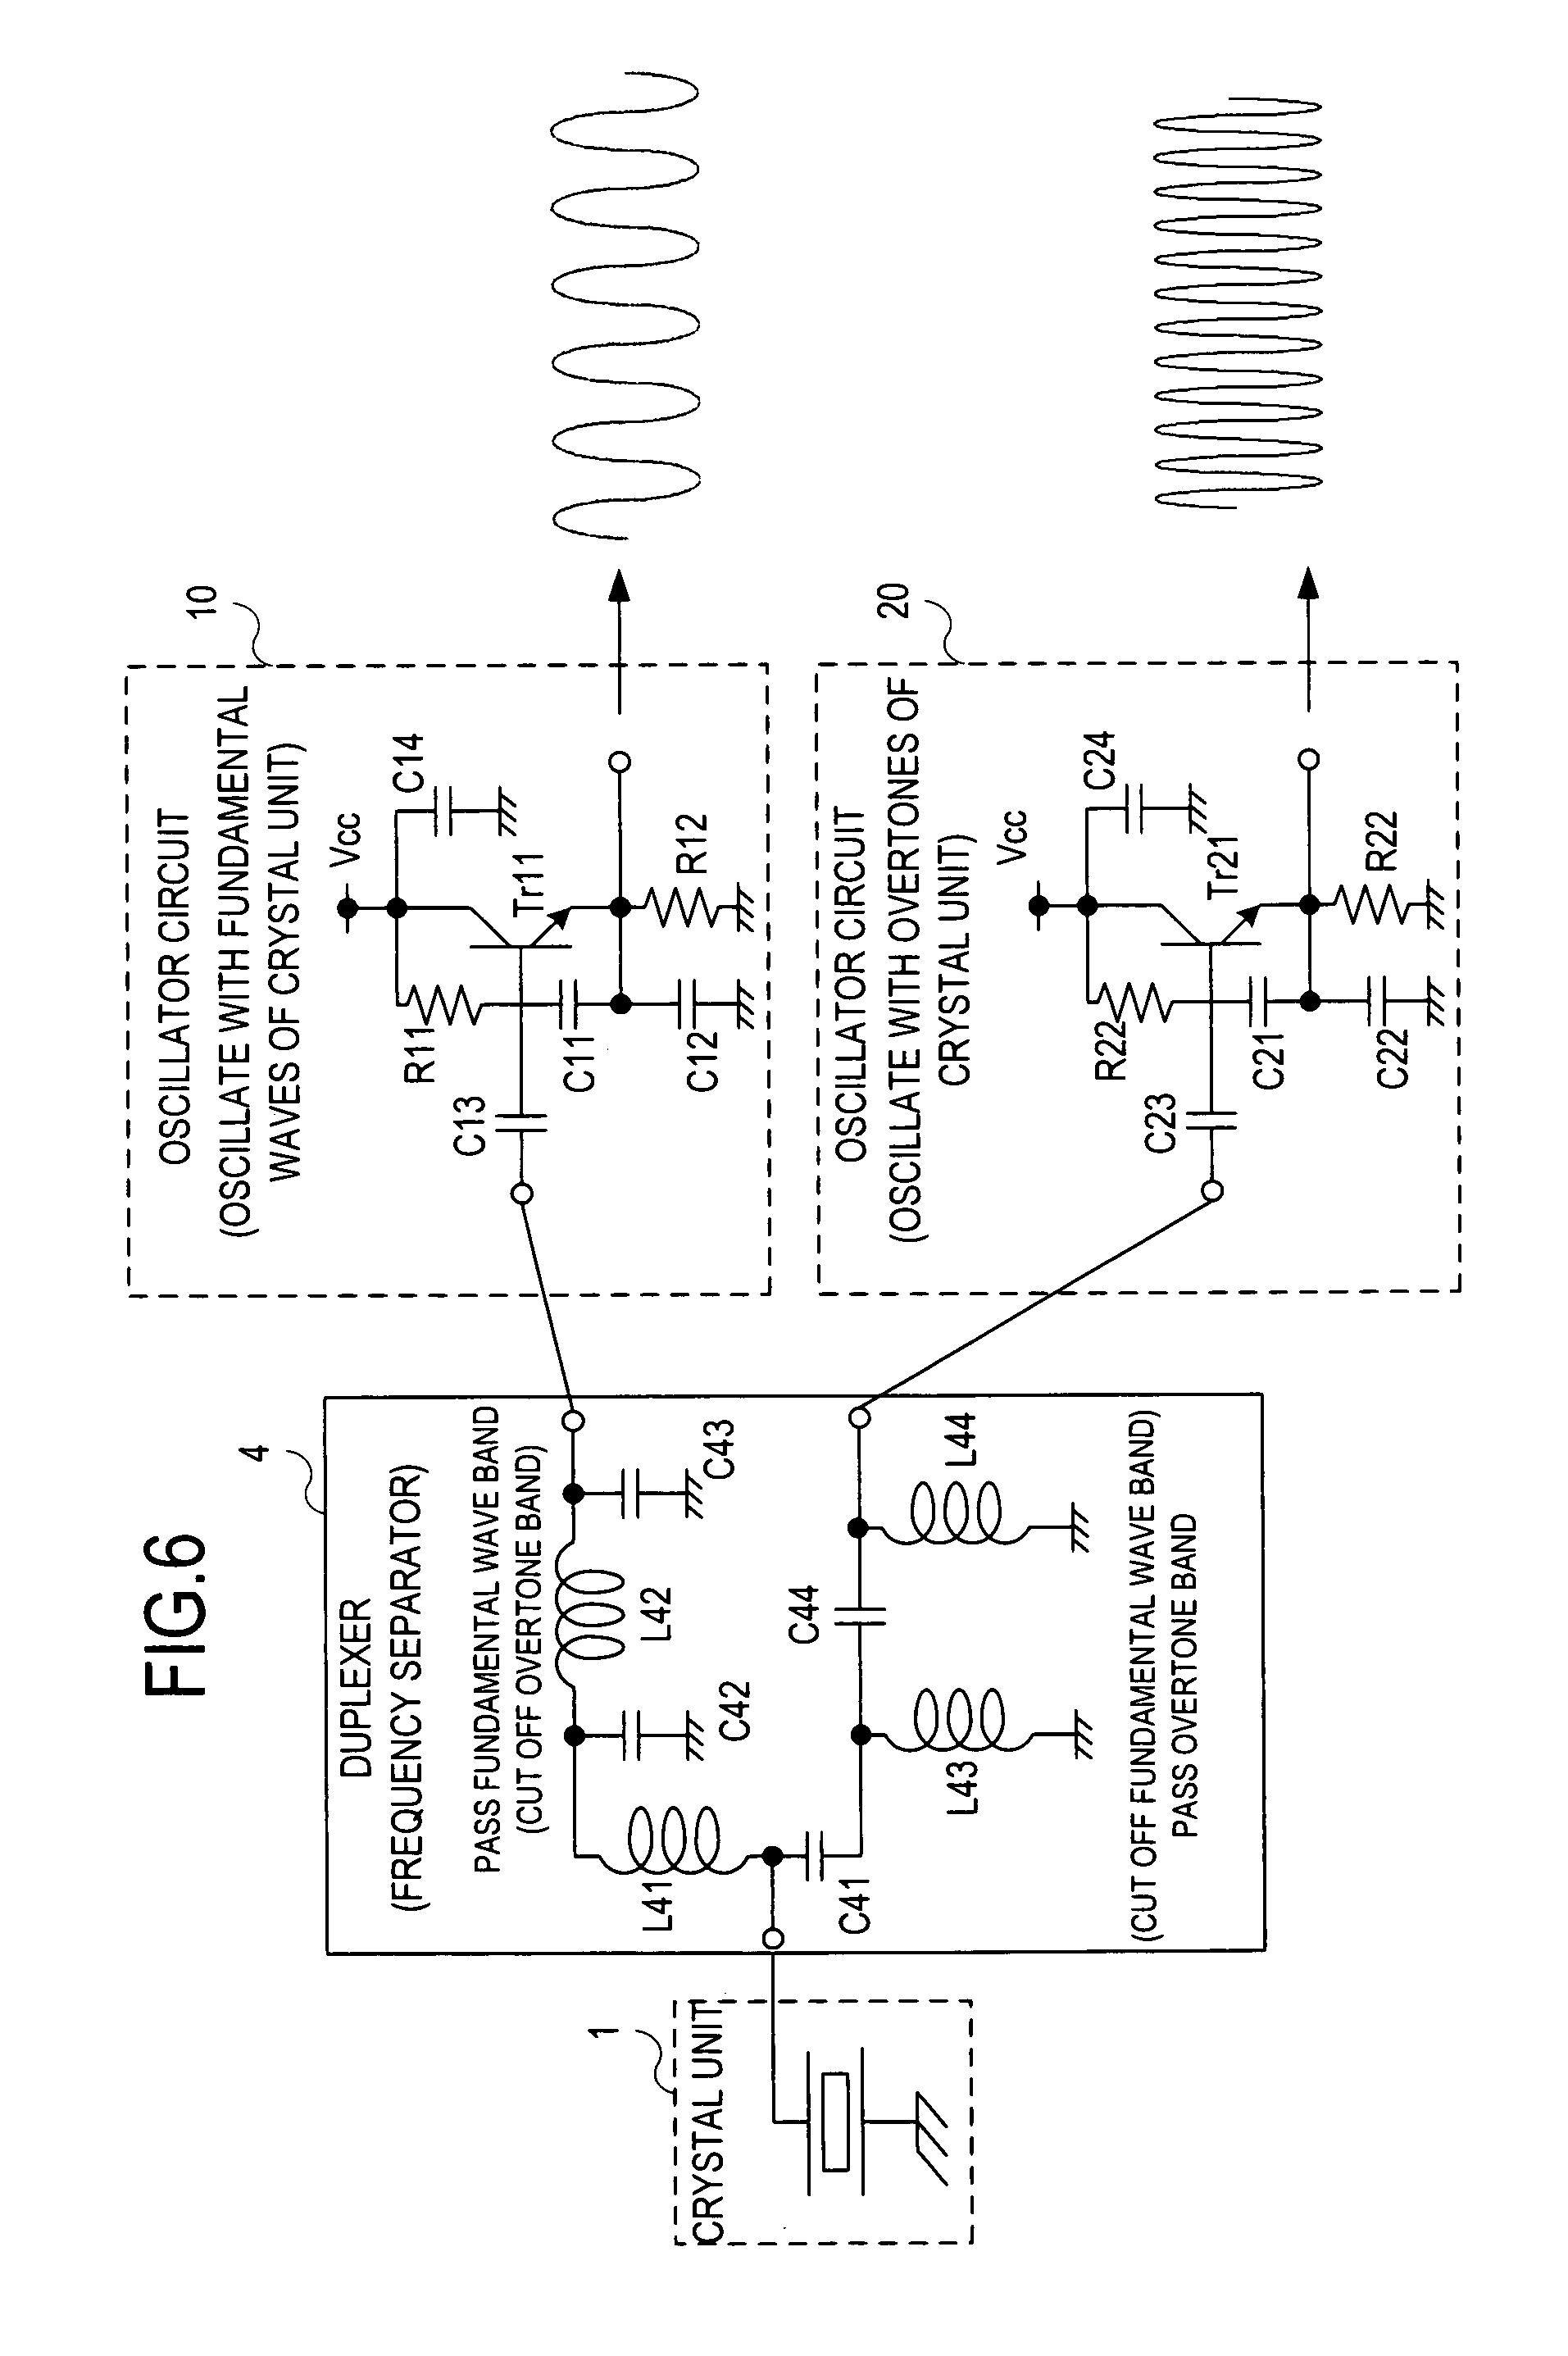 11 Wiring Diagram For 220 Volt Dryer Outlet References Dryer Outlet Dryer Plug Separators